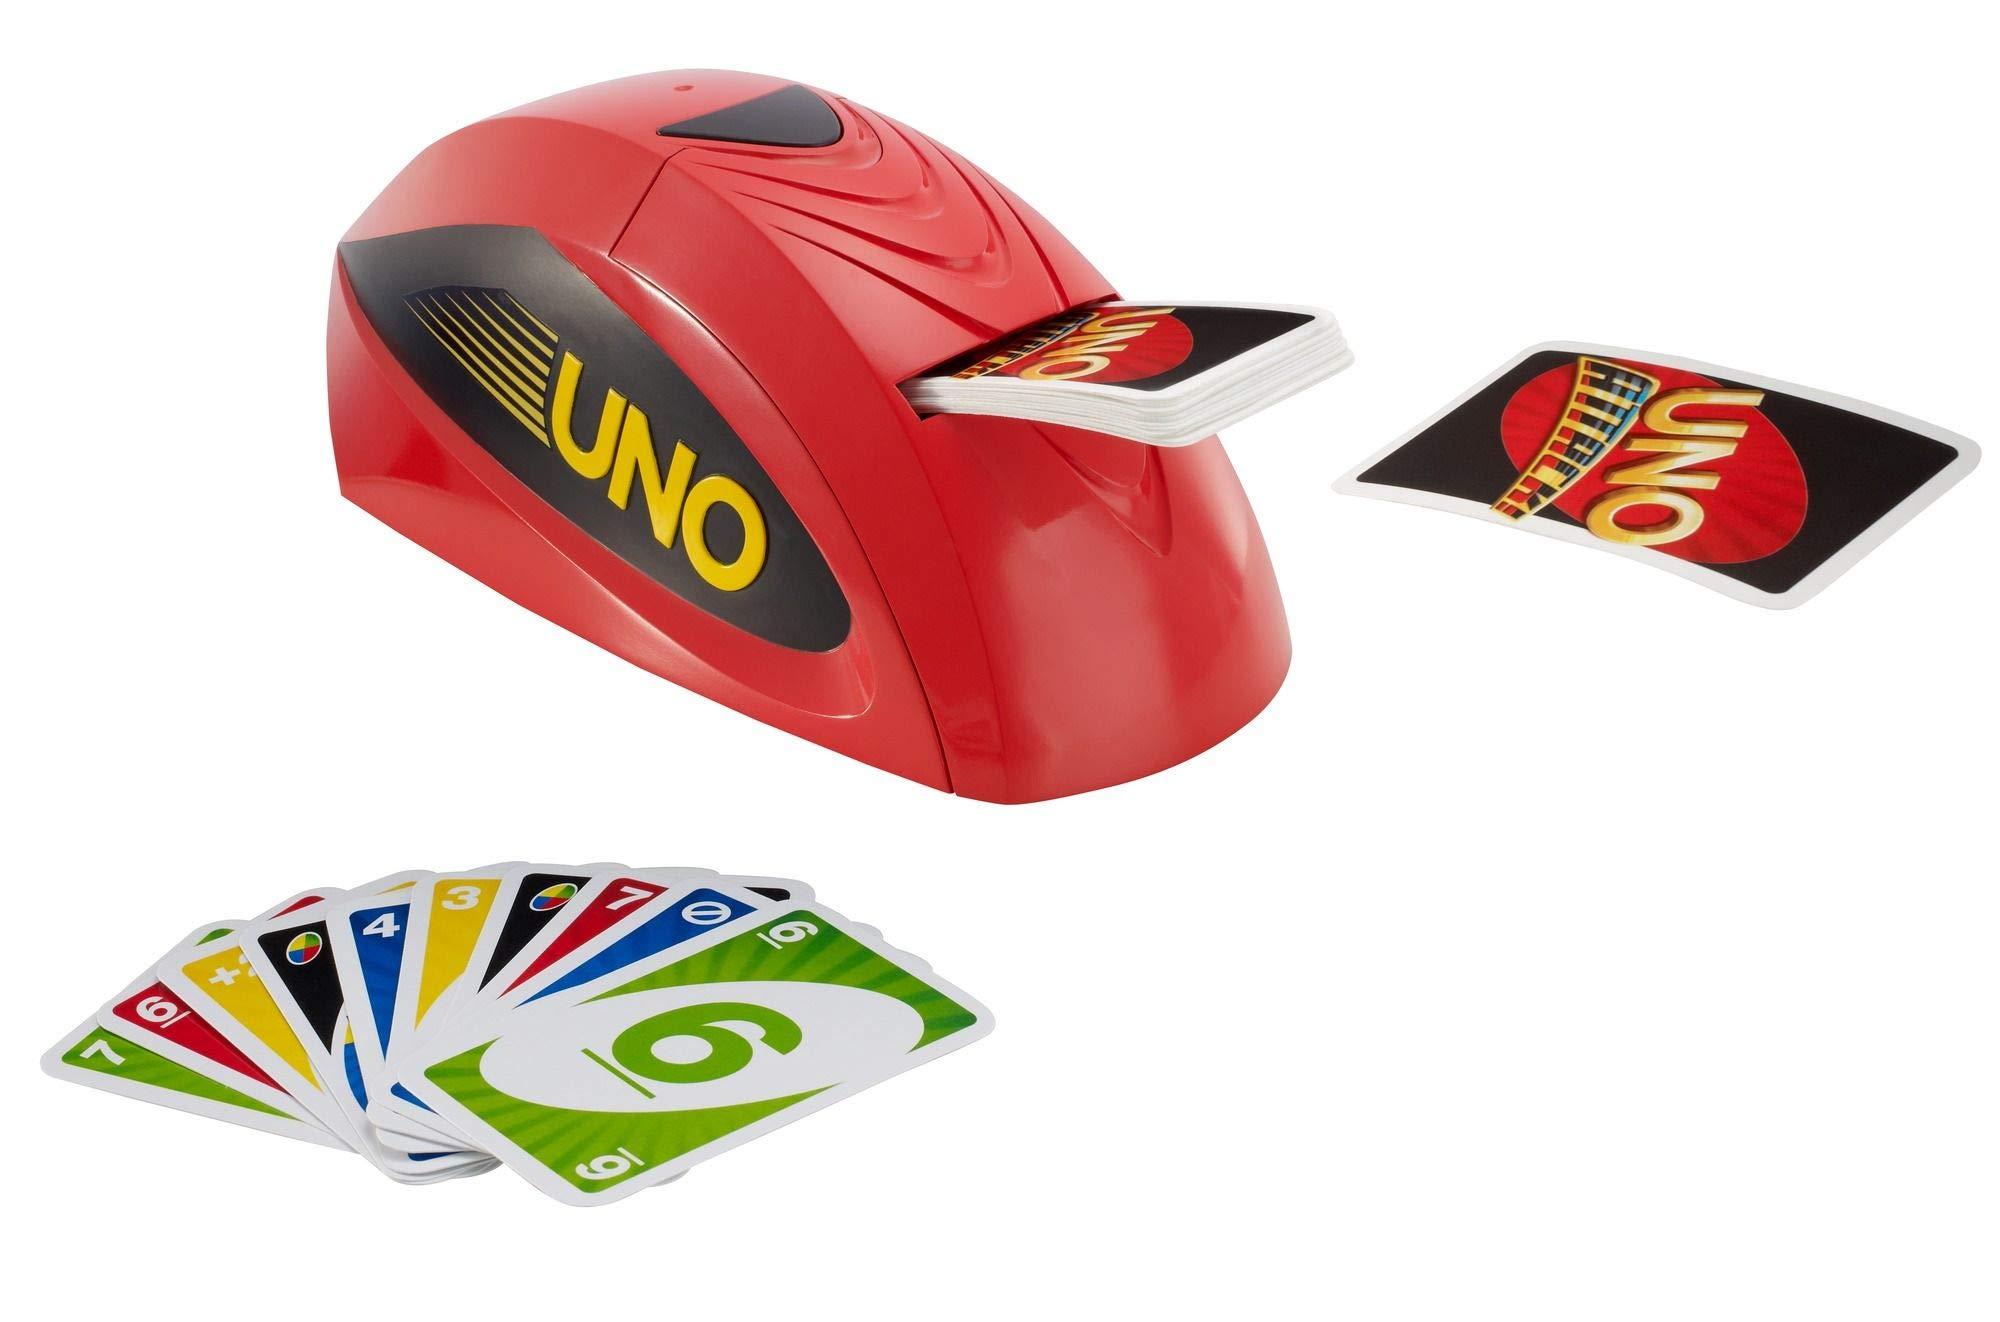 Mattel Games V9364 - UNO Extreme Kartenspiel, geeignet für 2 - 10 Spieler, Spieldauer ca. 15 Minuten, Gesellschaftsspiele und Kartenspieleab 7 Jahren 4